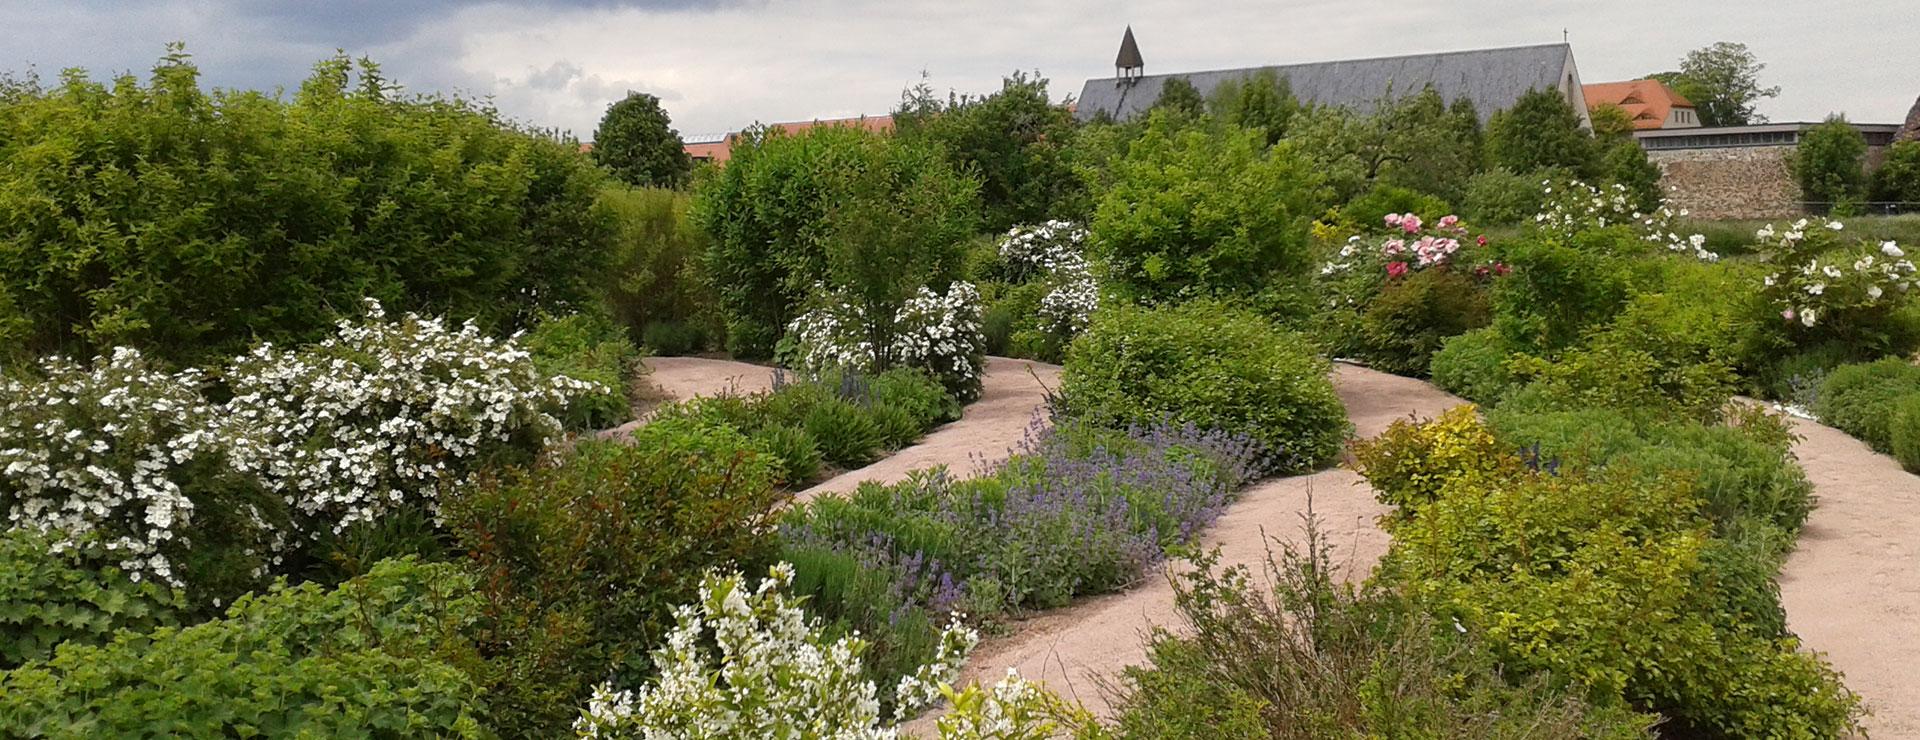 Impressionen vom Labyrinth: blühende Hecken säumen die Wege